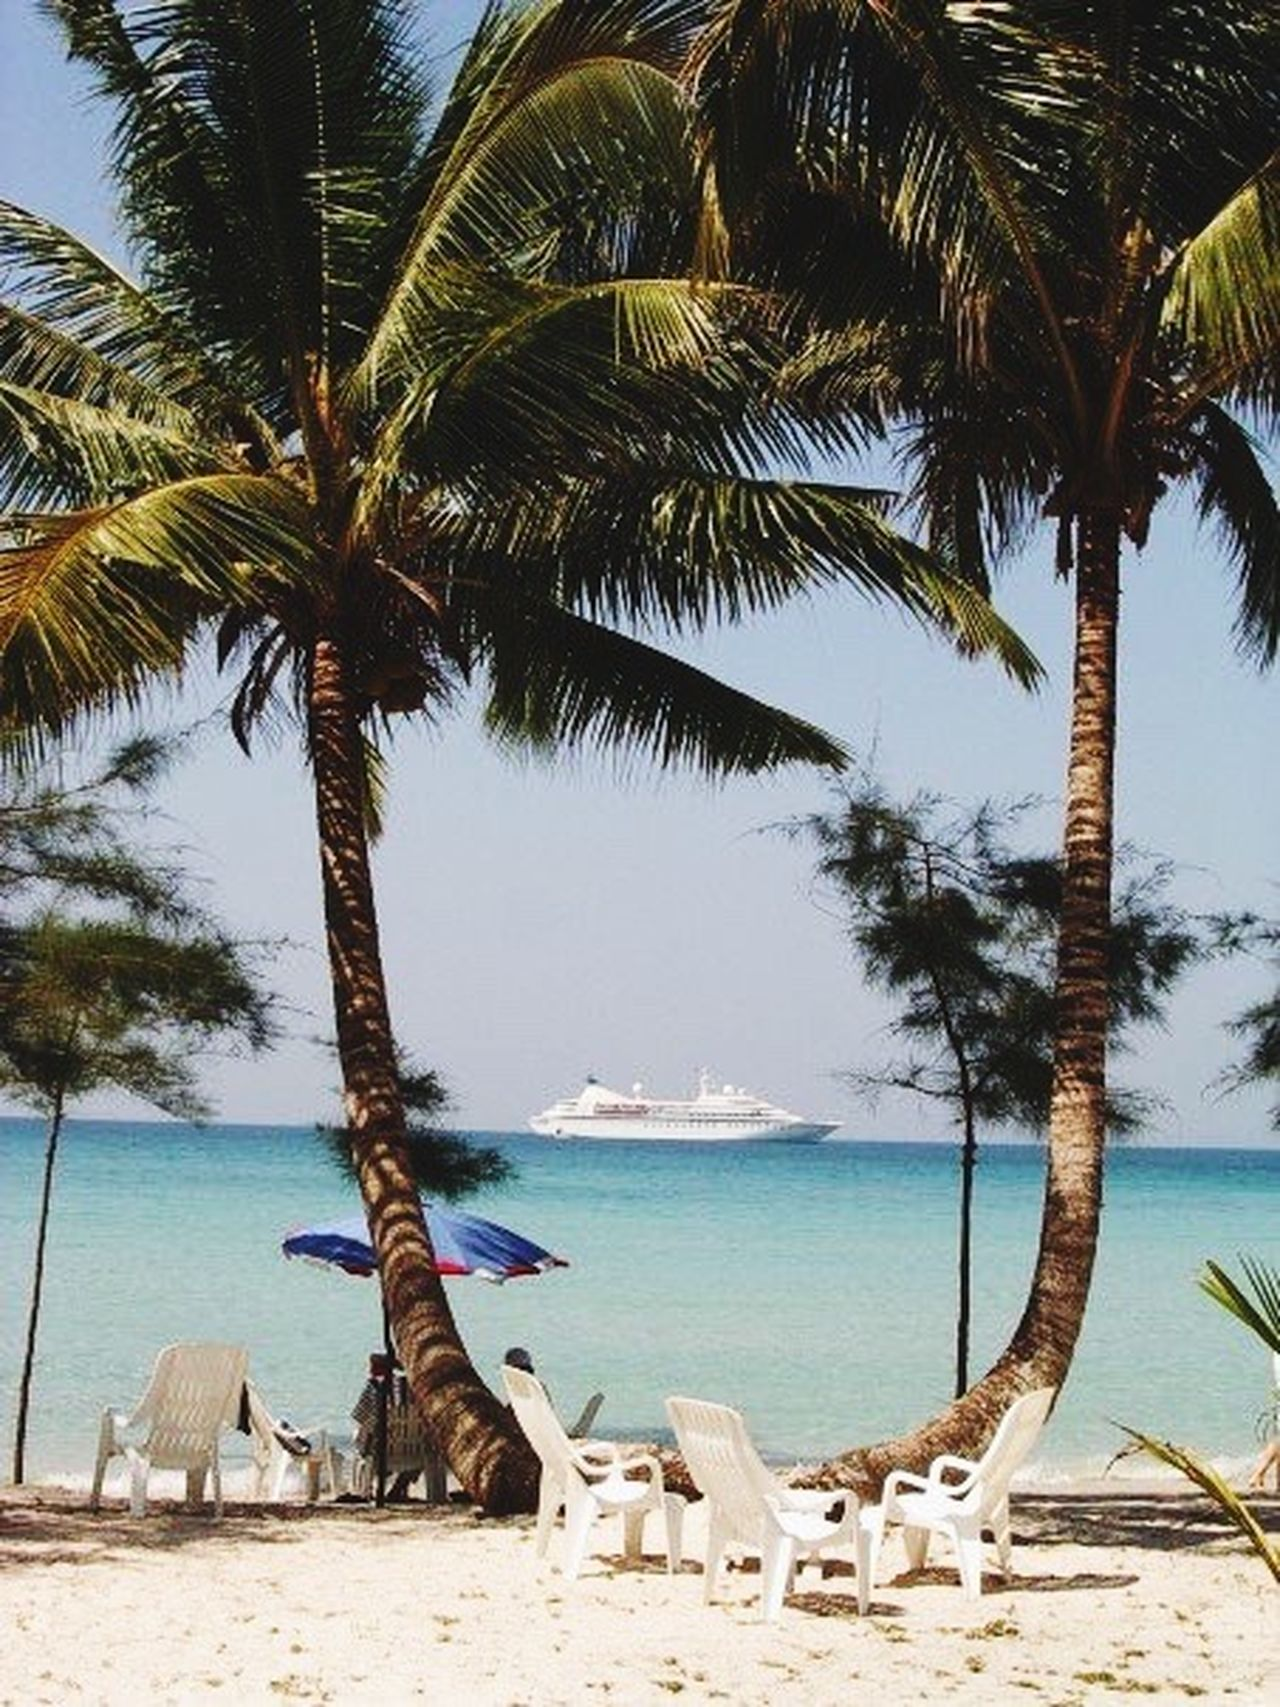 Ko Kut Island Seabourn Cruise